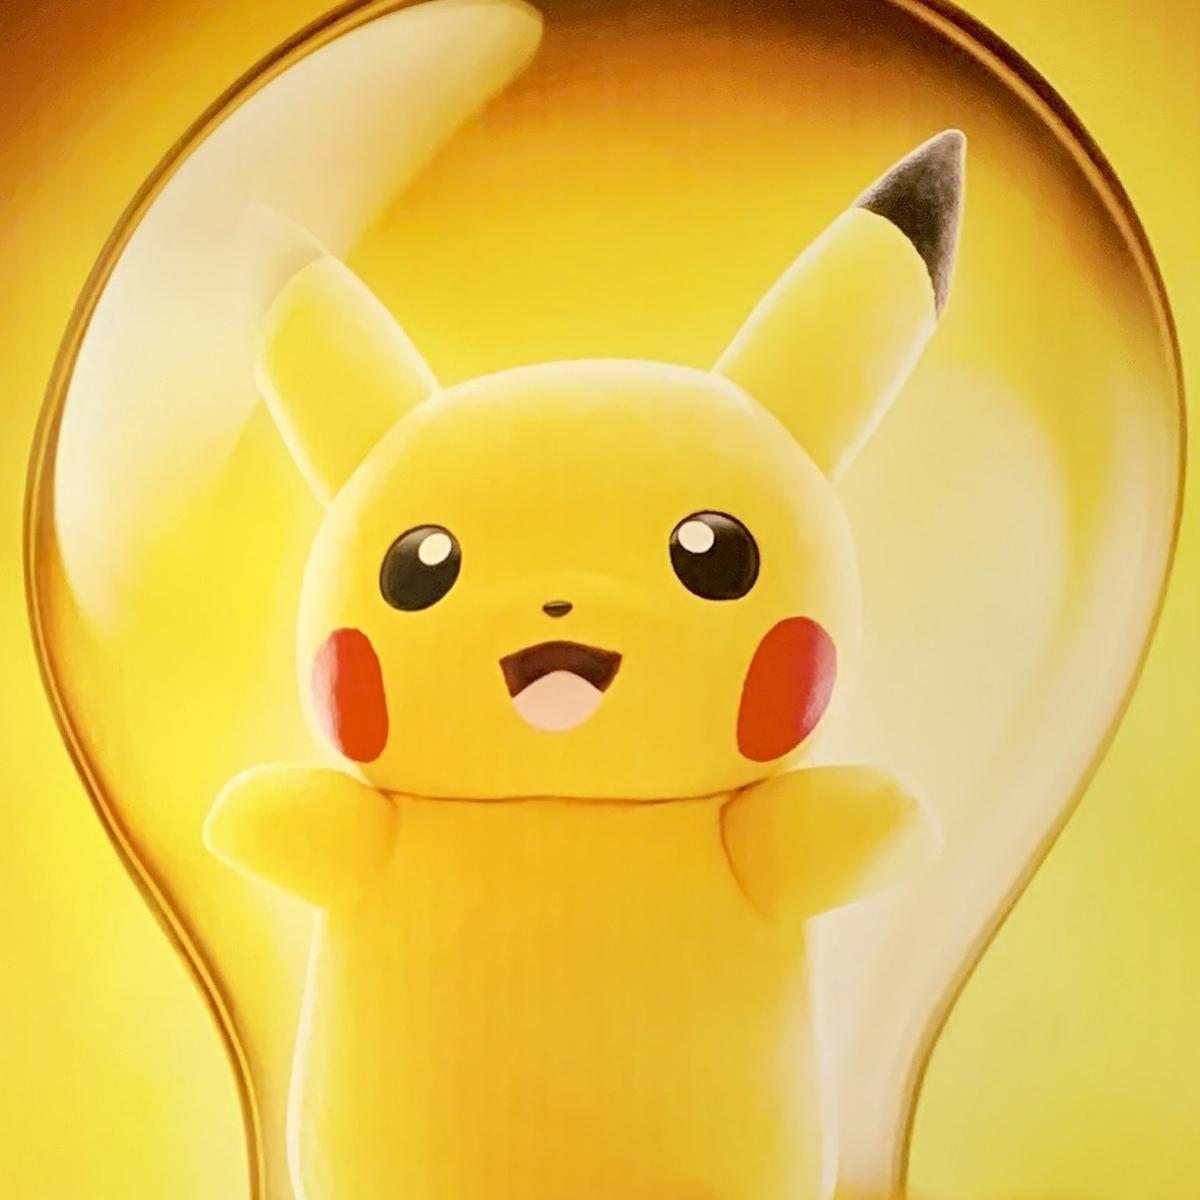 f:id:pikachu_pcn:20191011203401j:plain